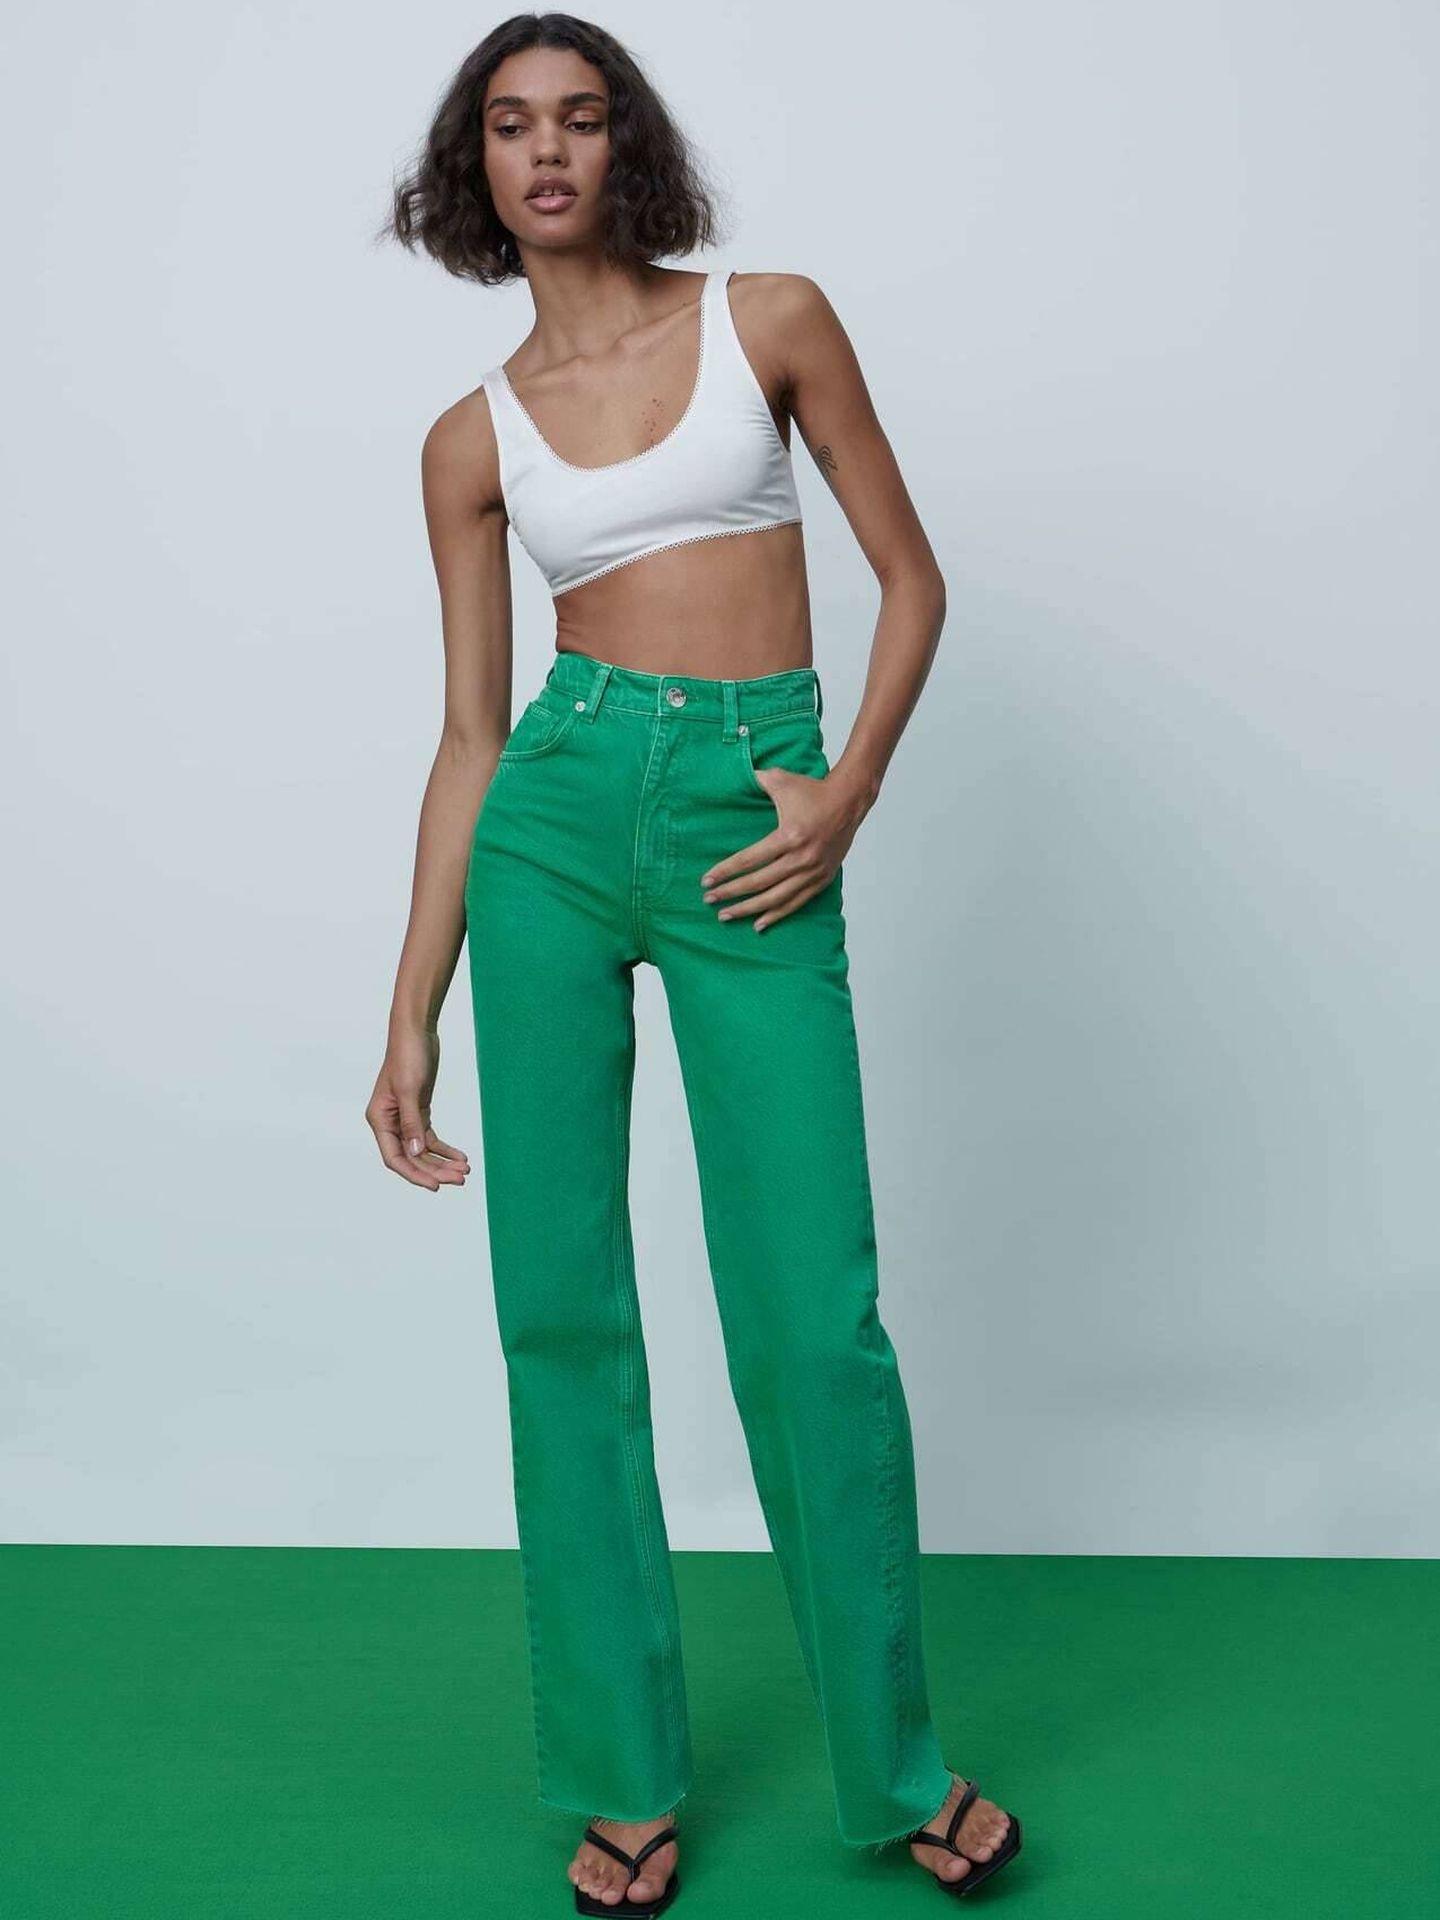 Los nuevos jeans virales de Zara. (Cortesía)